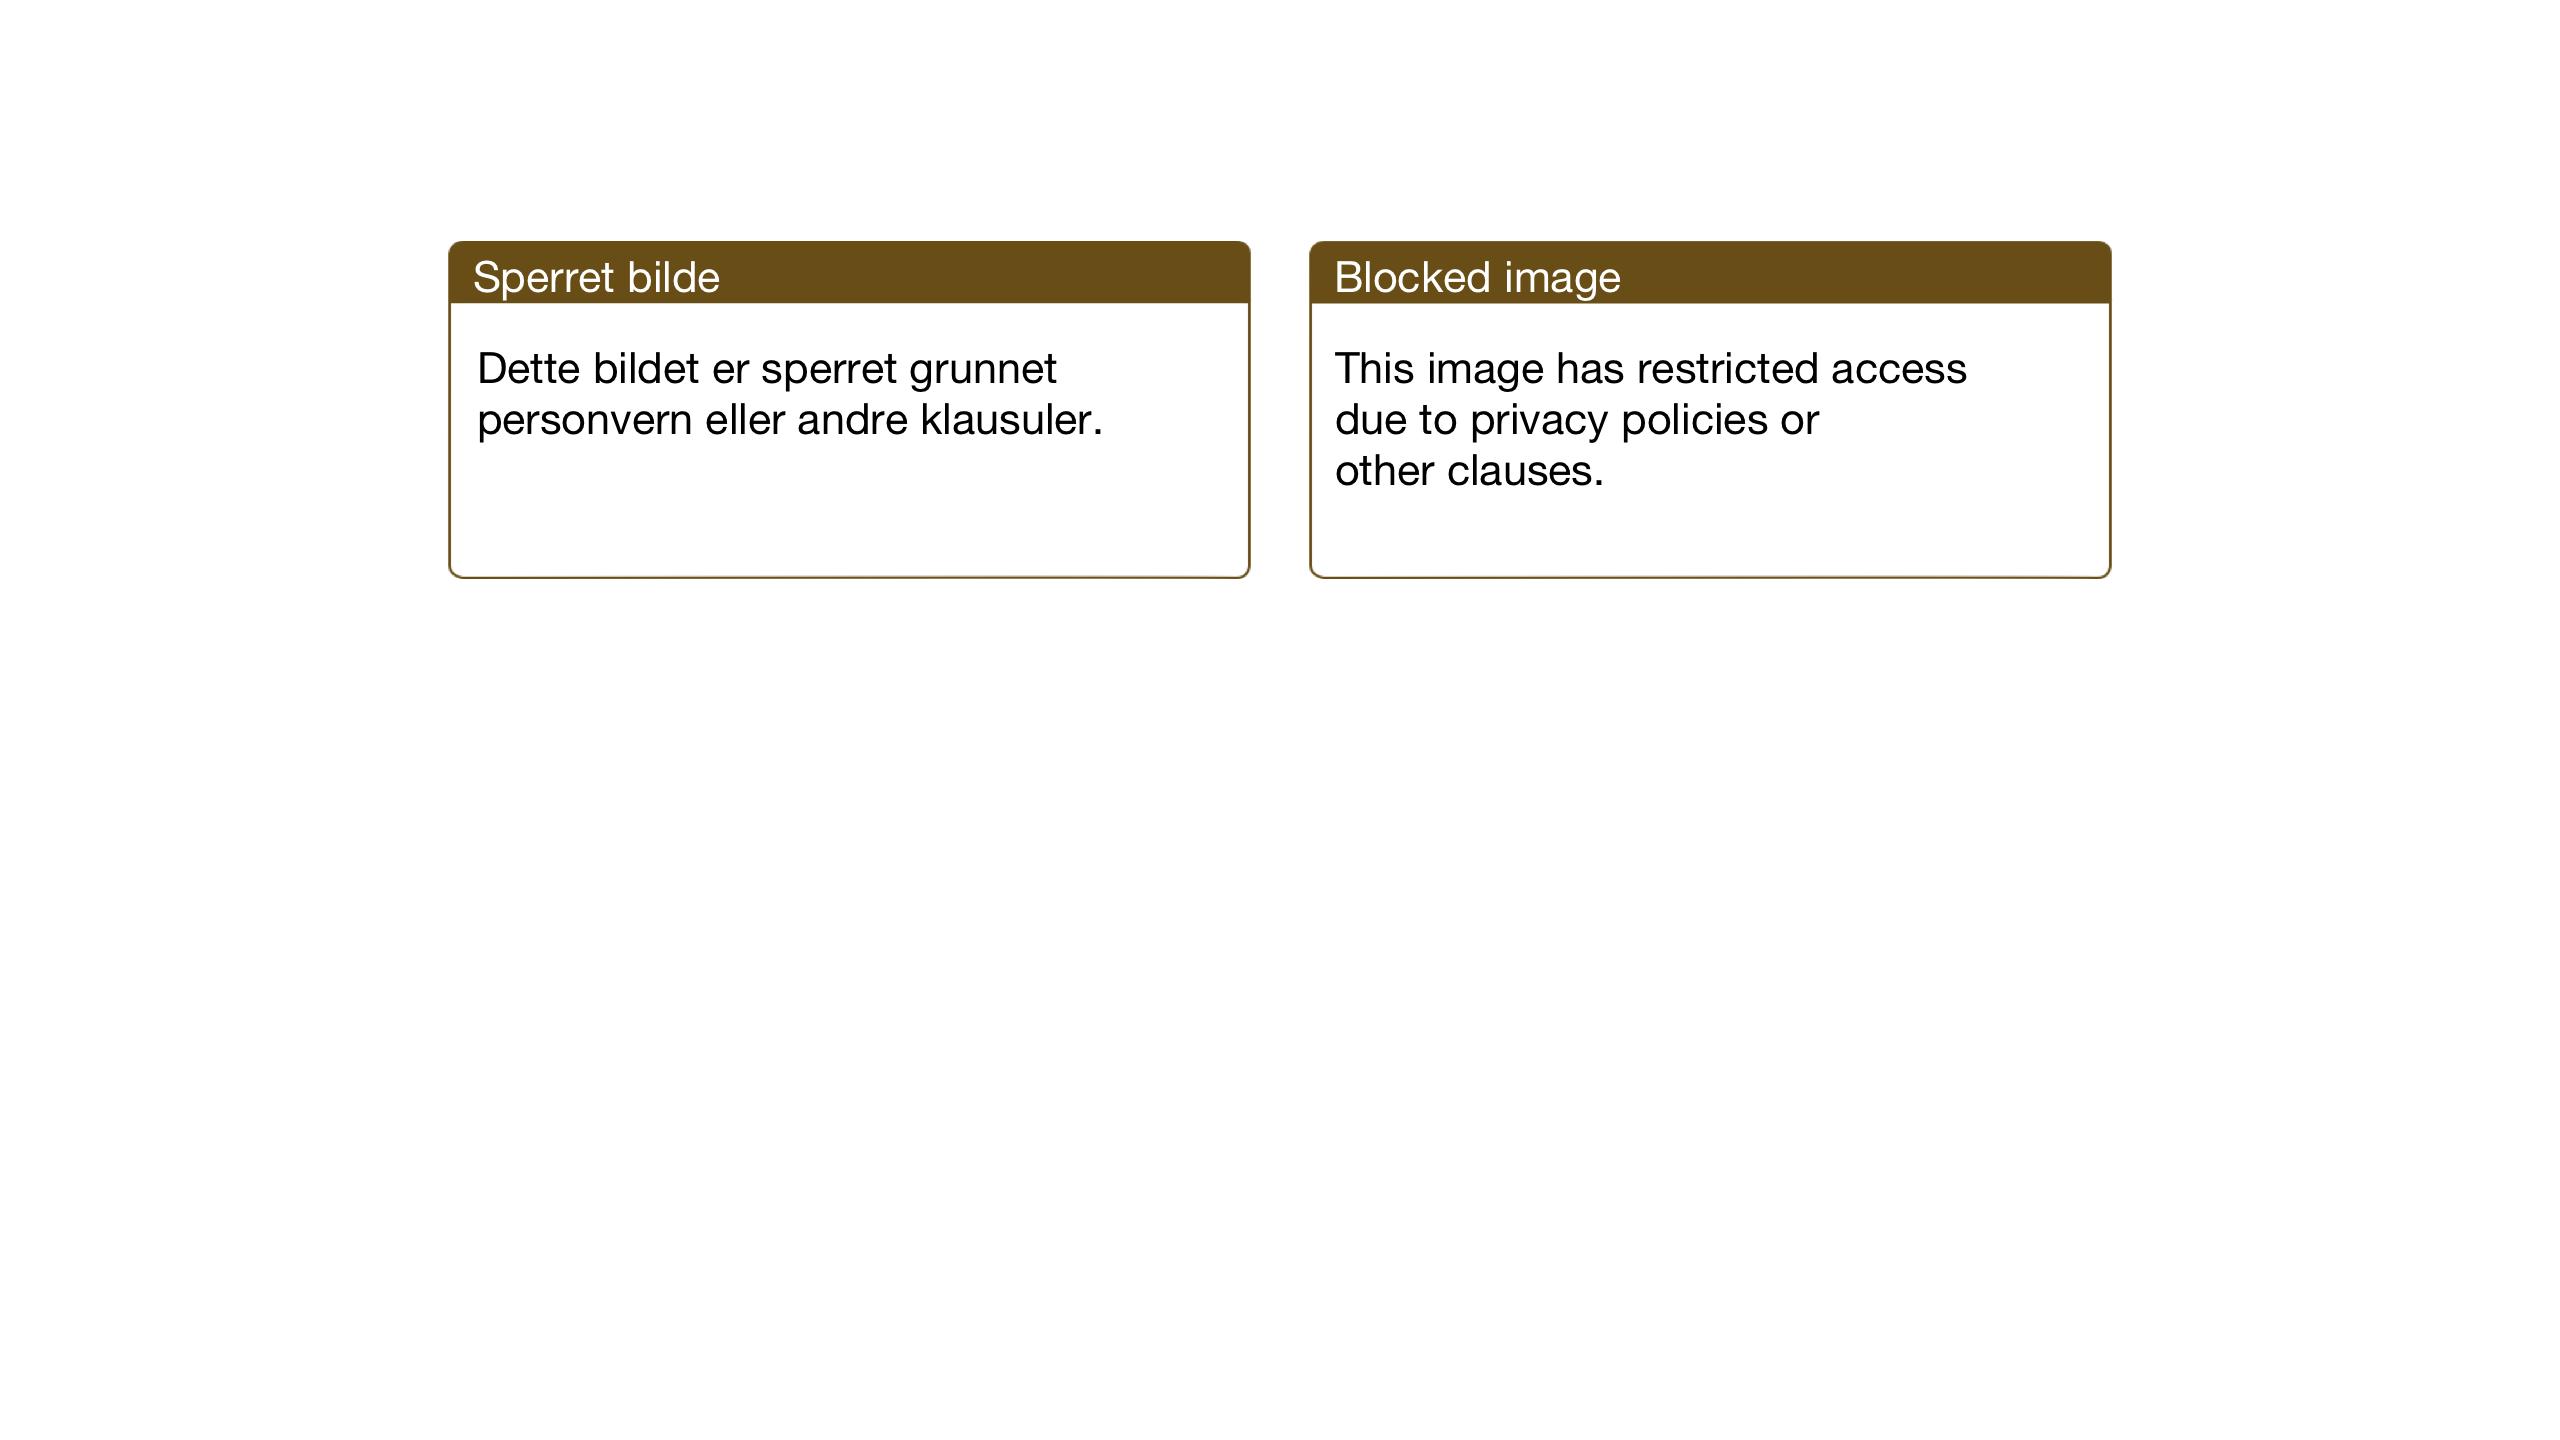 SAT, Ministerialprotokoller, klokkerbøker og fødselsregistre - Nord-Trøndelag, 755/L0500: Klokkerbok nr. 755C01, 1920-1962, s. 166